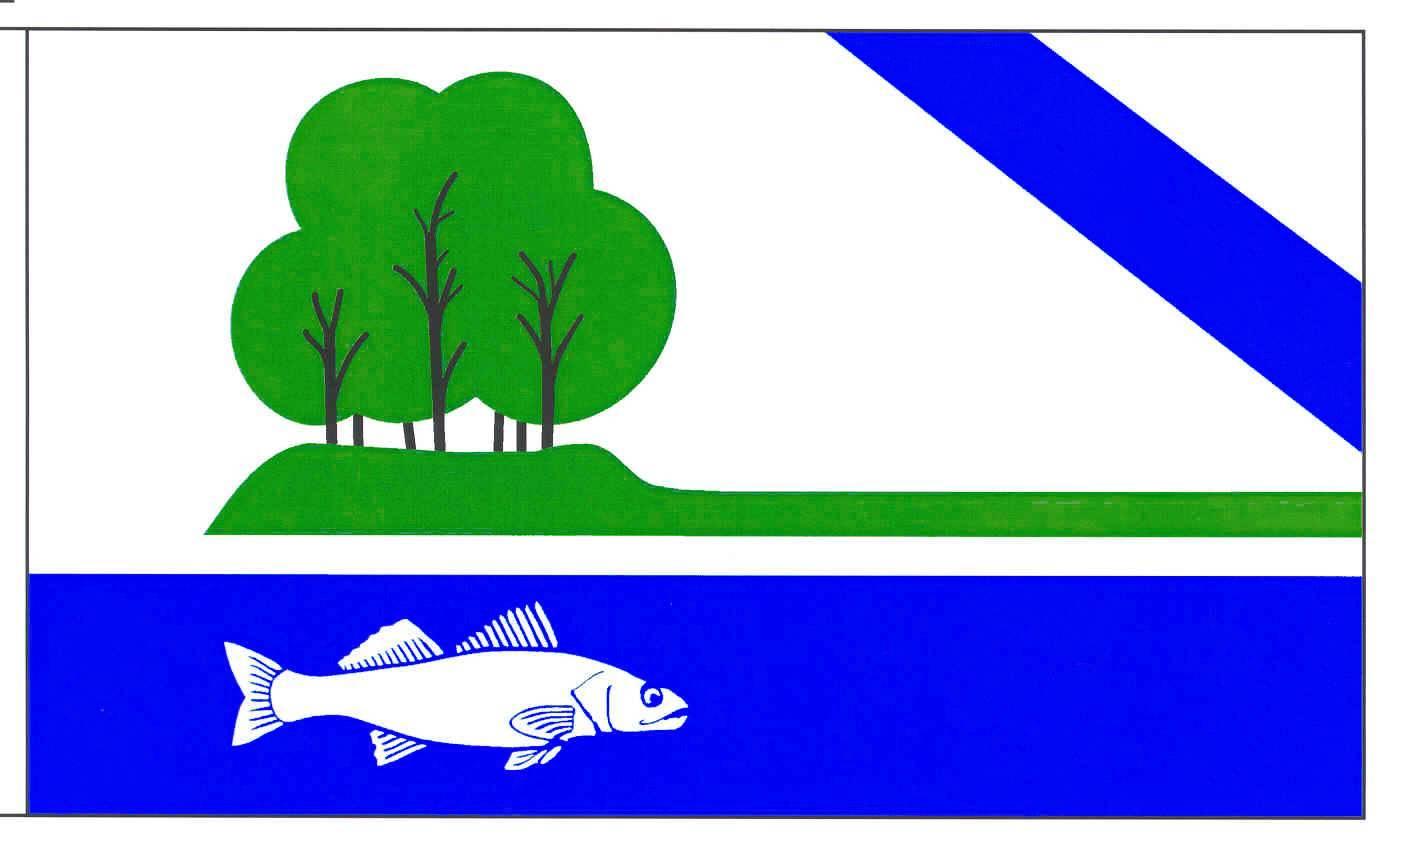 Flagge GemeindeNeversdorf, Kreis Segeberg